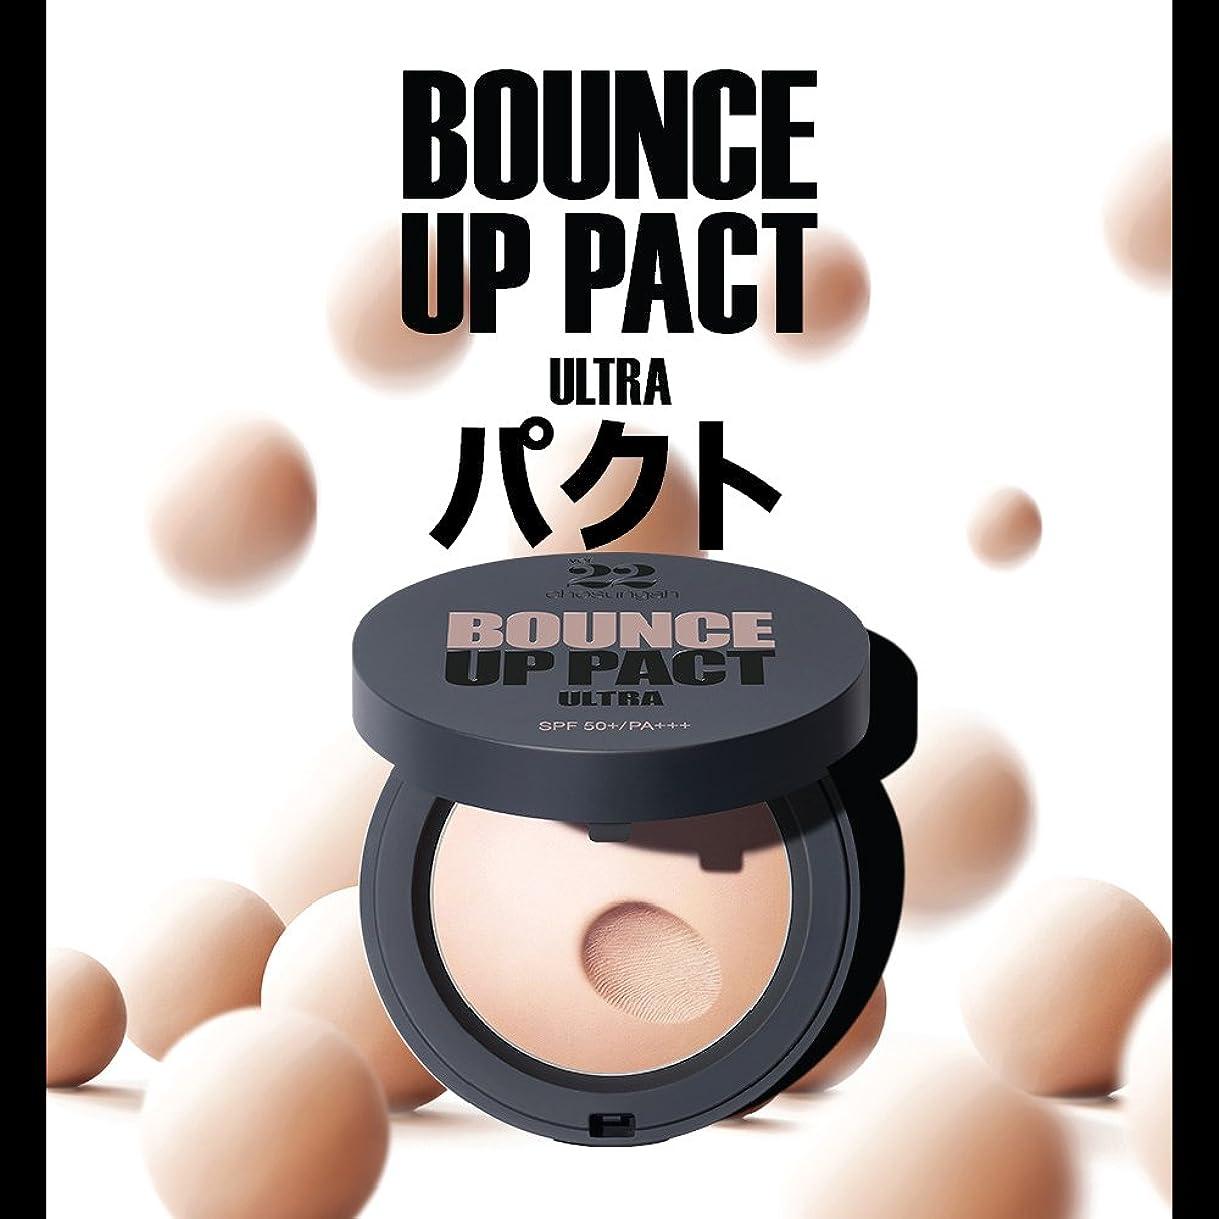 保存するパケットペットチョソンア22 バウンスアップ パクト チョソンア chosungah22 Bounce Up Pact Ultra ★ 韓国 コスメ 韓国コスメ メイク アップ 2号サンドベージュ,パウダータイプ 2号サンドベージュ,パウダータイプ